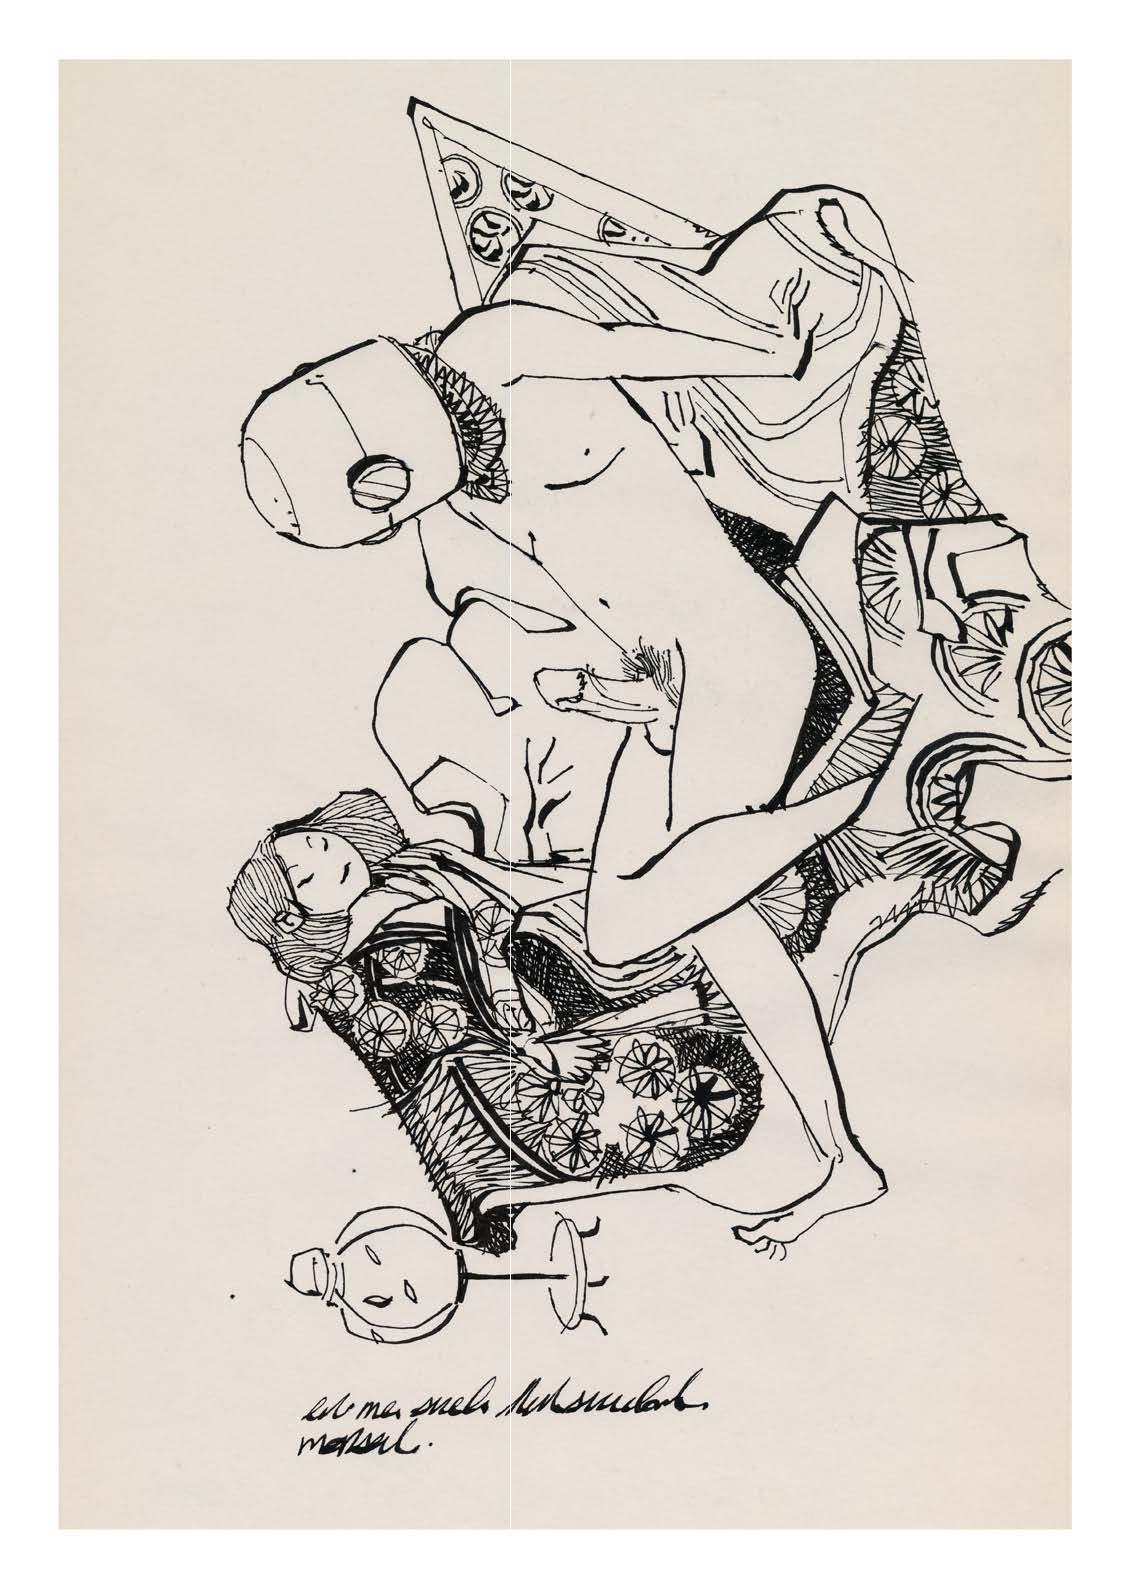 Image de l'artbook Ashley Wood - AWD XL BLACK. Le salon privé.